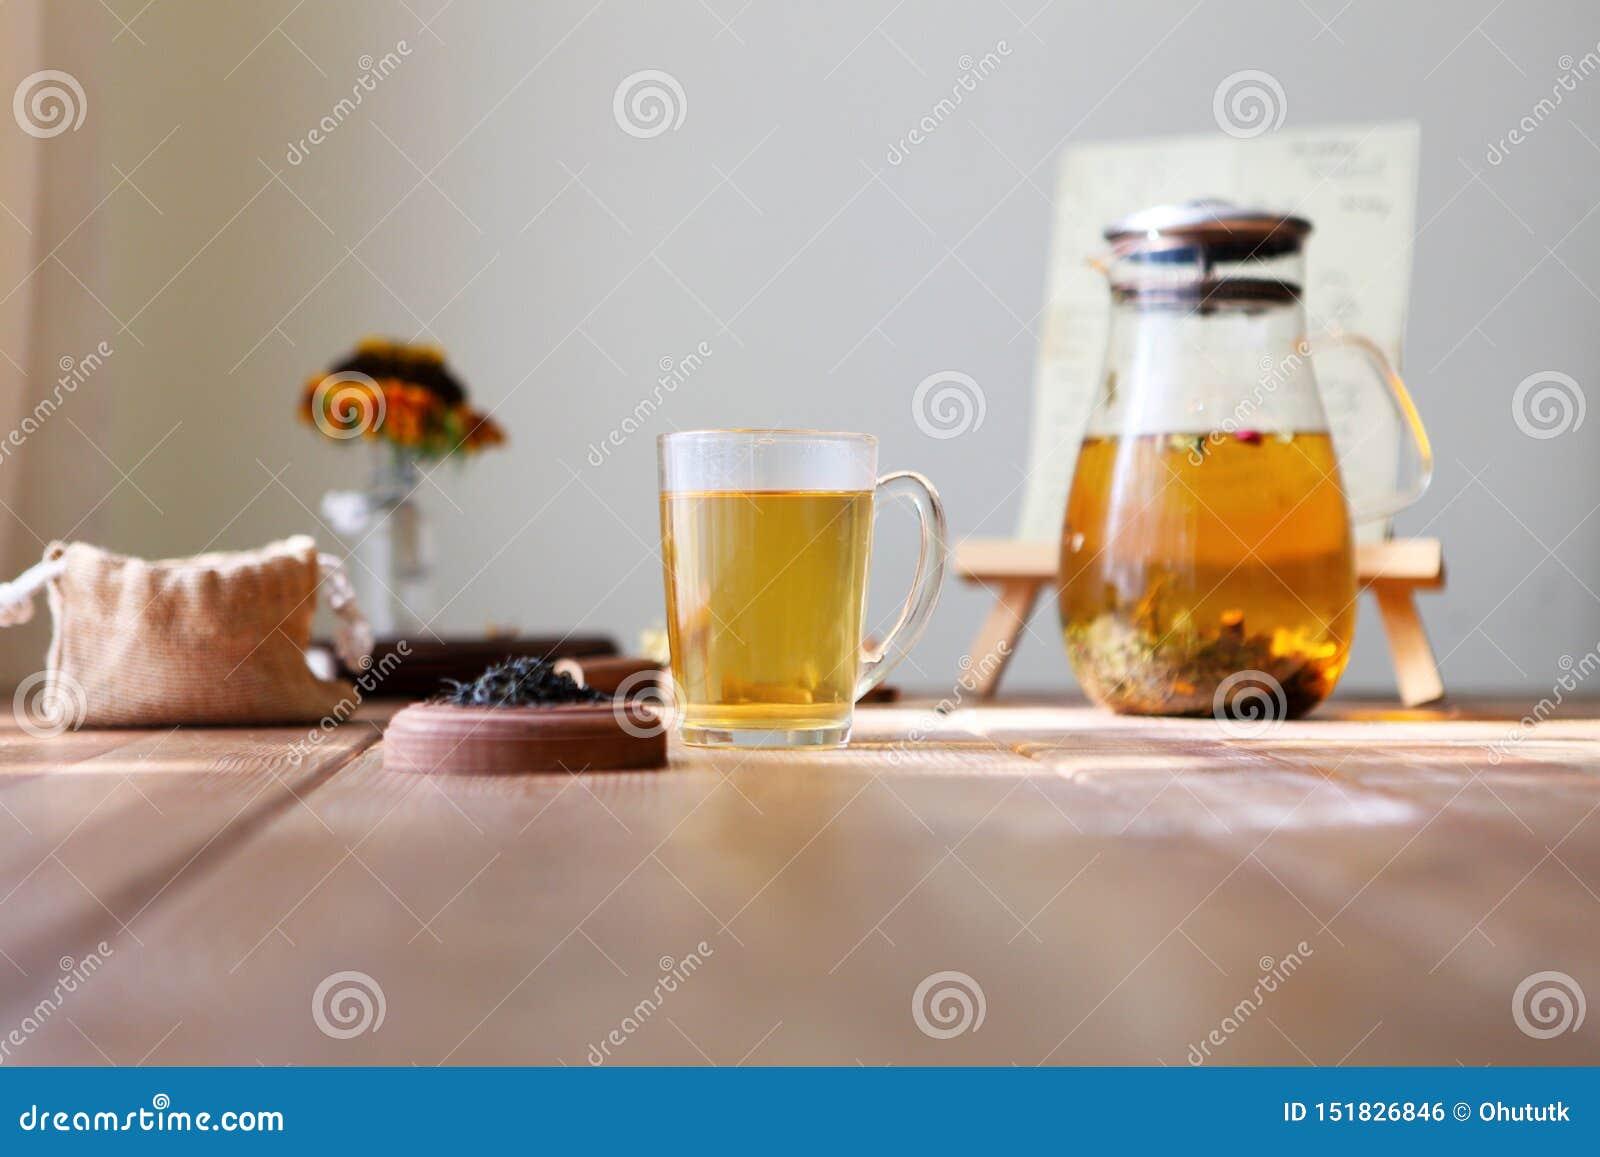 Το παραδοσιακό heral τσάι με teapot γυαλιού, φλυτζάνι, ξηρό αυξήθηκε οφθαλμοί Λουλούδια στον ξύλινο πίνακα στο σπίτι, υπόβαθρο φω